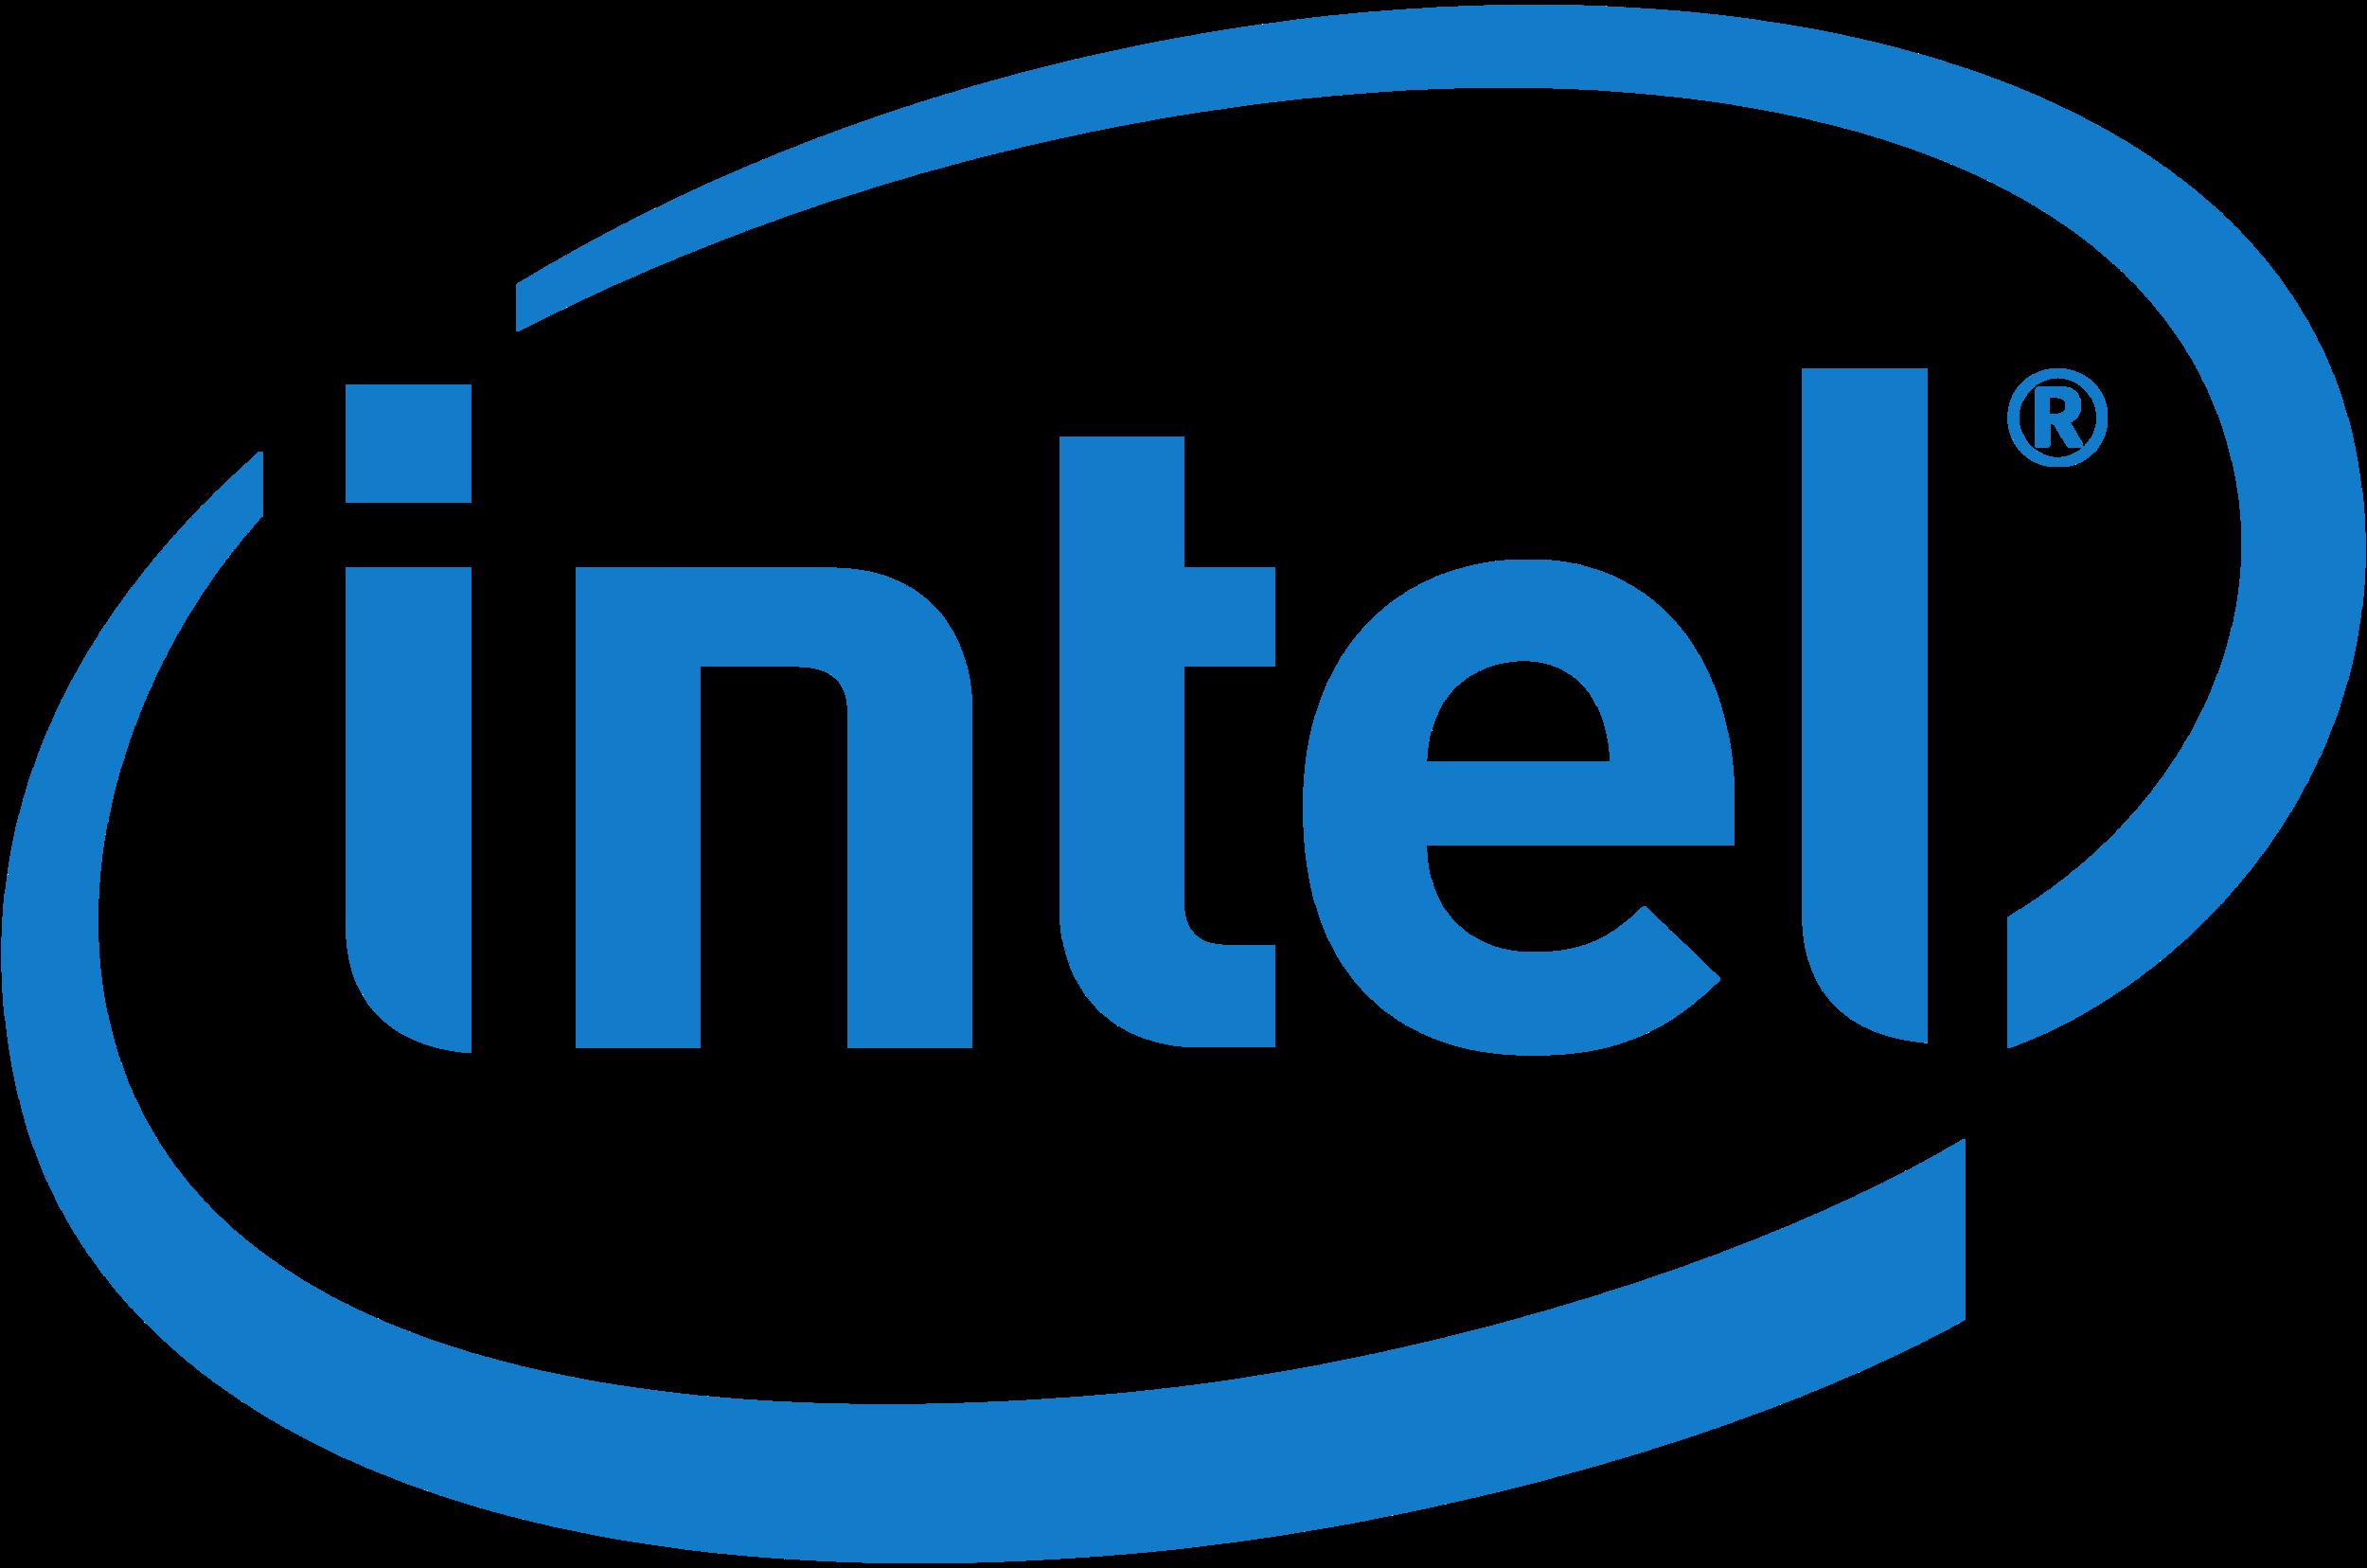 Intel_logo_png_transparent_huge.png